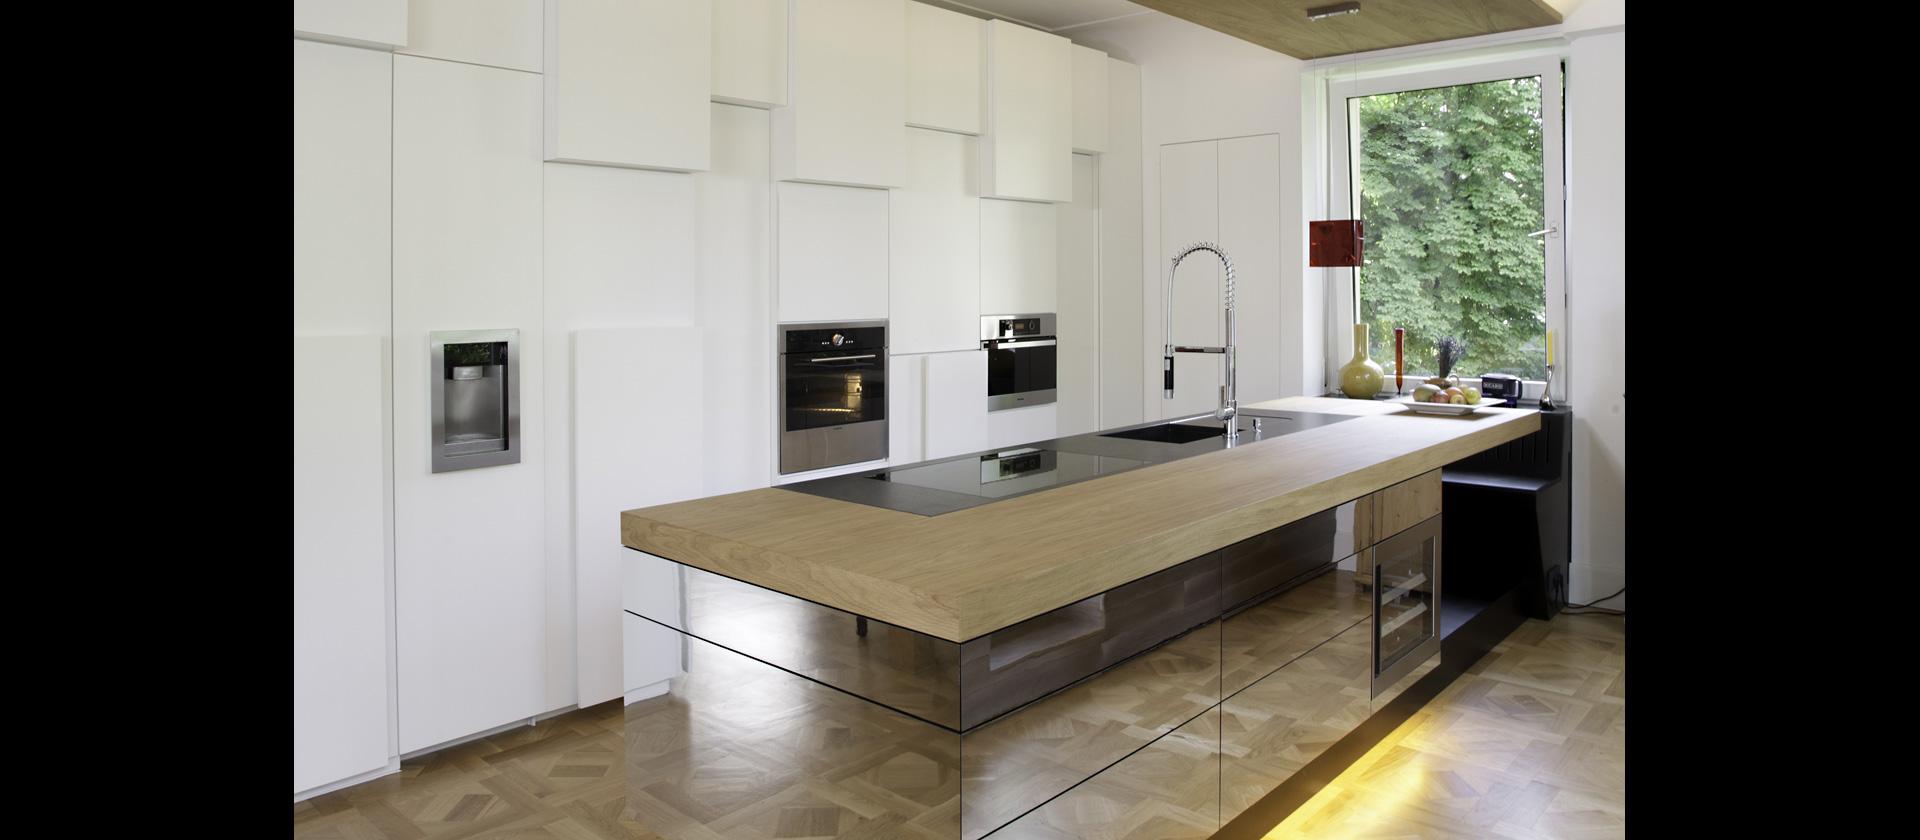 mtb k che in eiche mit spiegelfronten. Black Bedroom Furniture Sets. Home Design Ideas